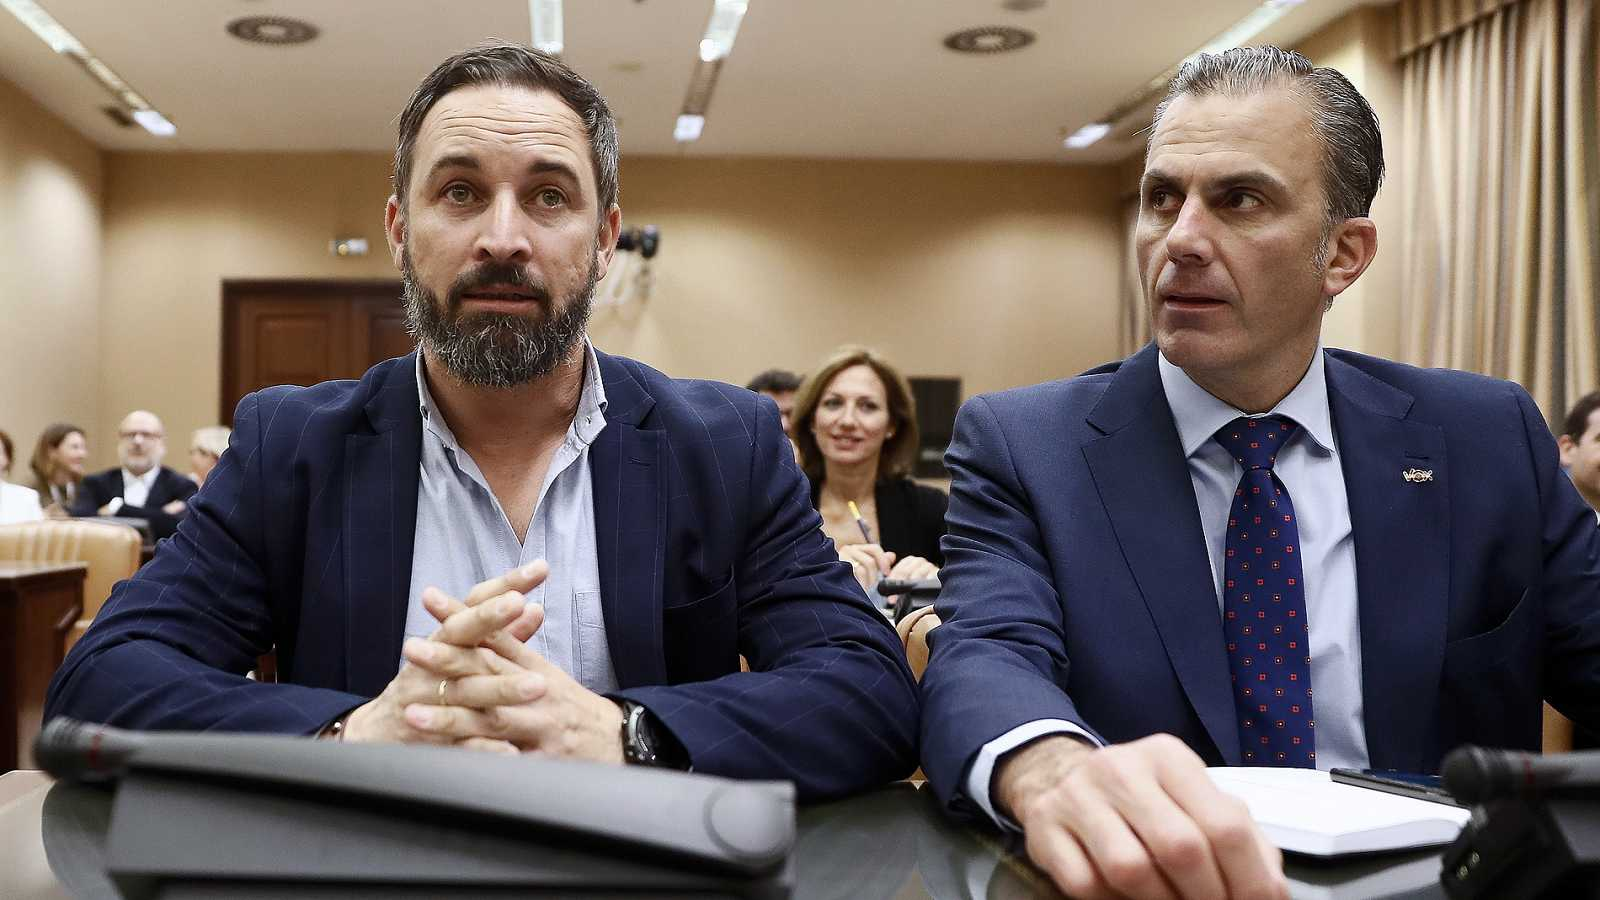 Santiago Abascal y Javier Ortega Smith, durante la reunión del grupo parlamentario de Vox en el Congreso.